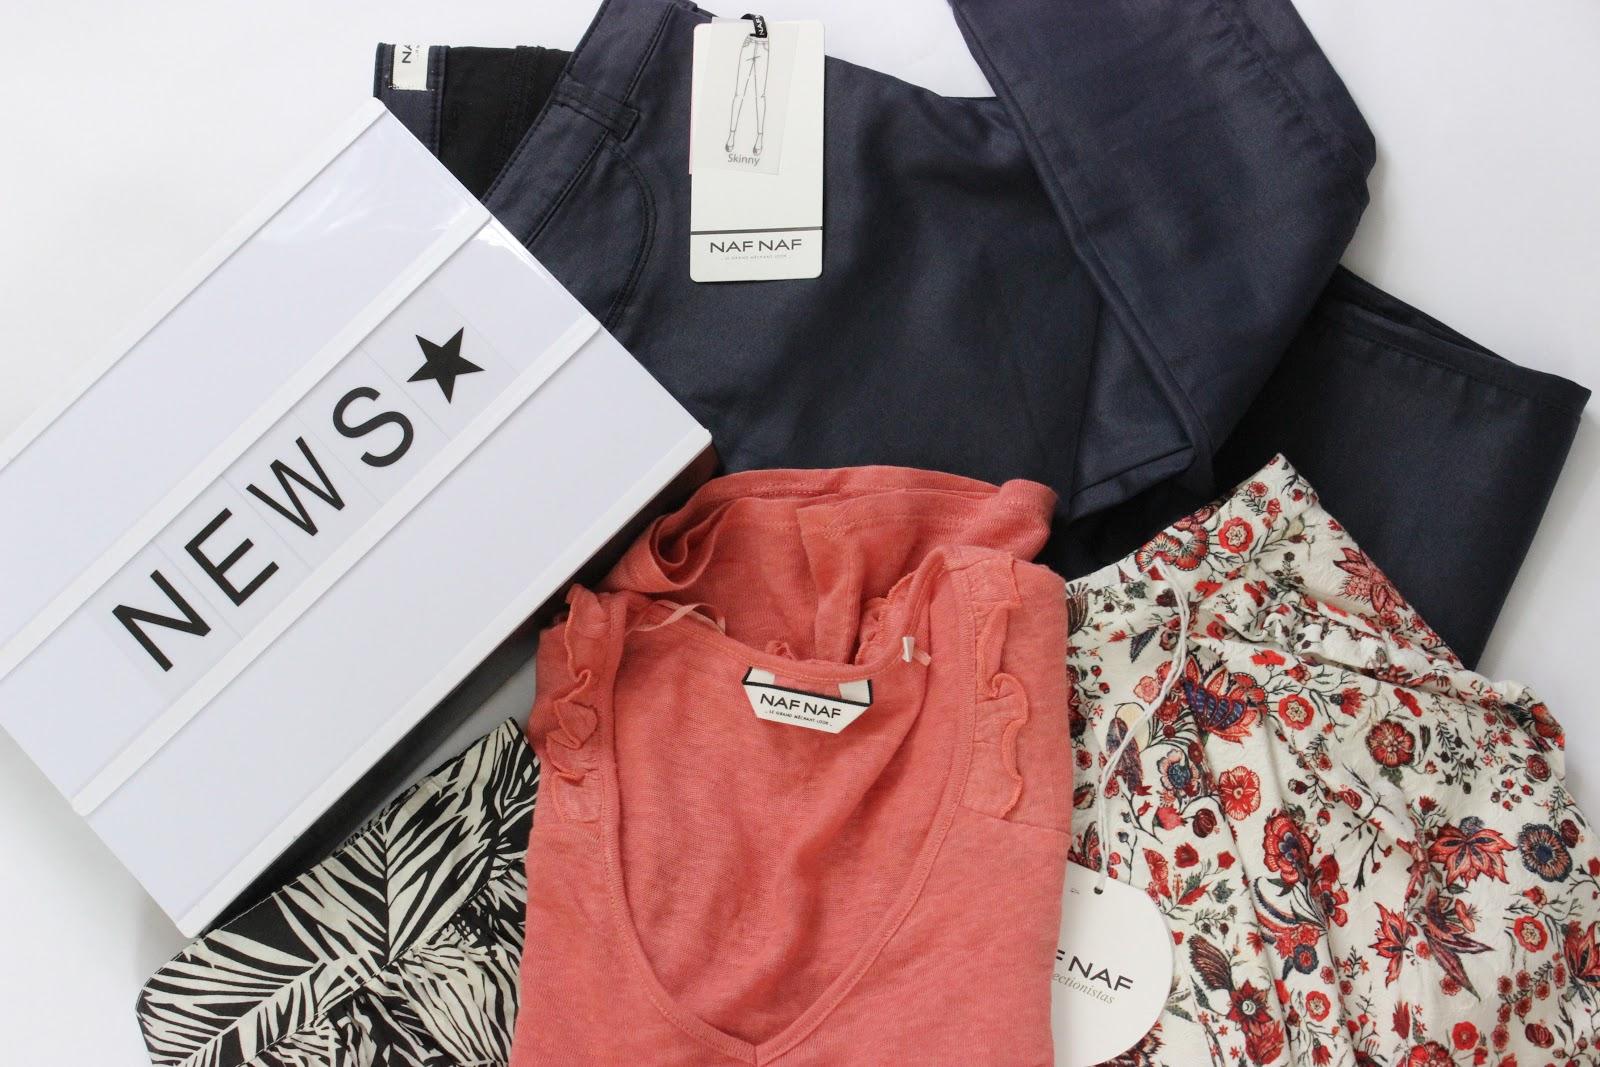 nouveauté shopping